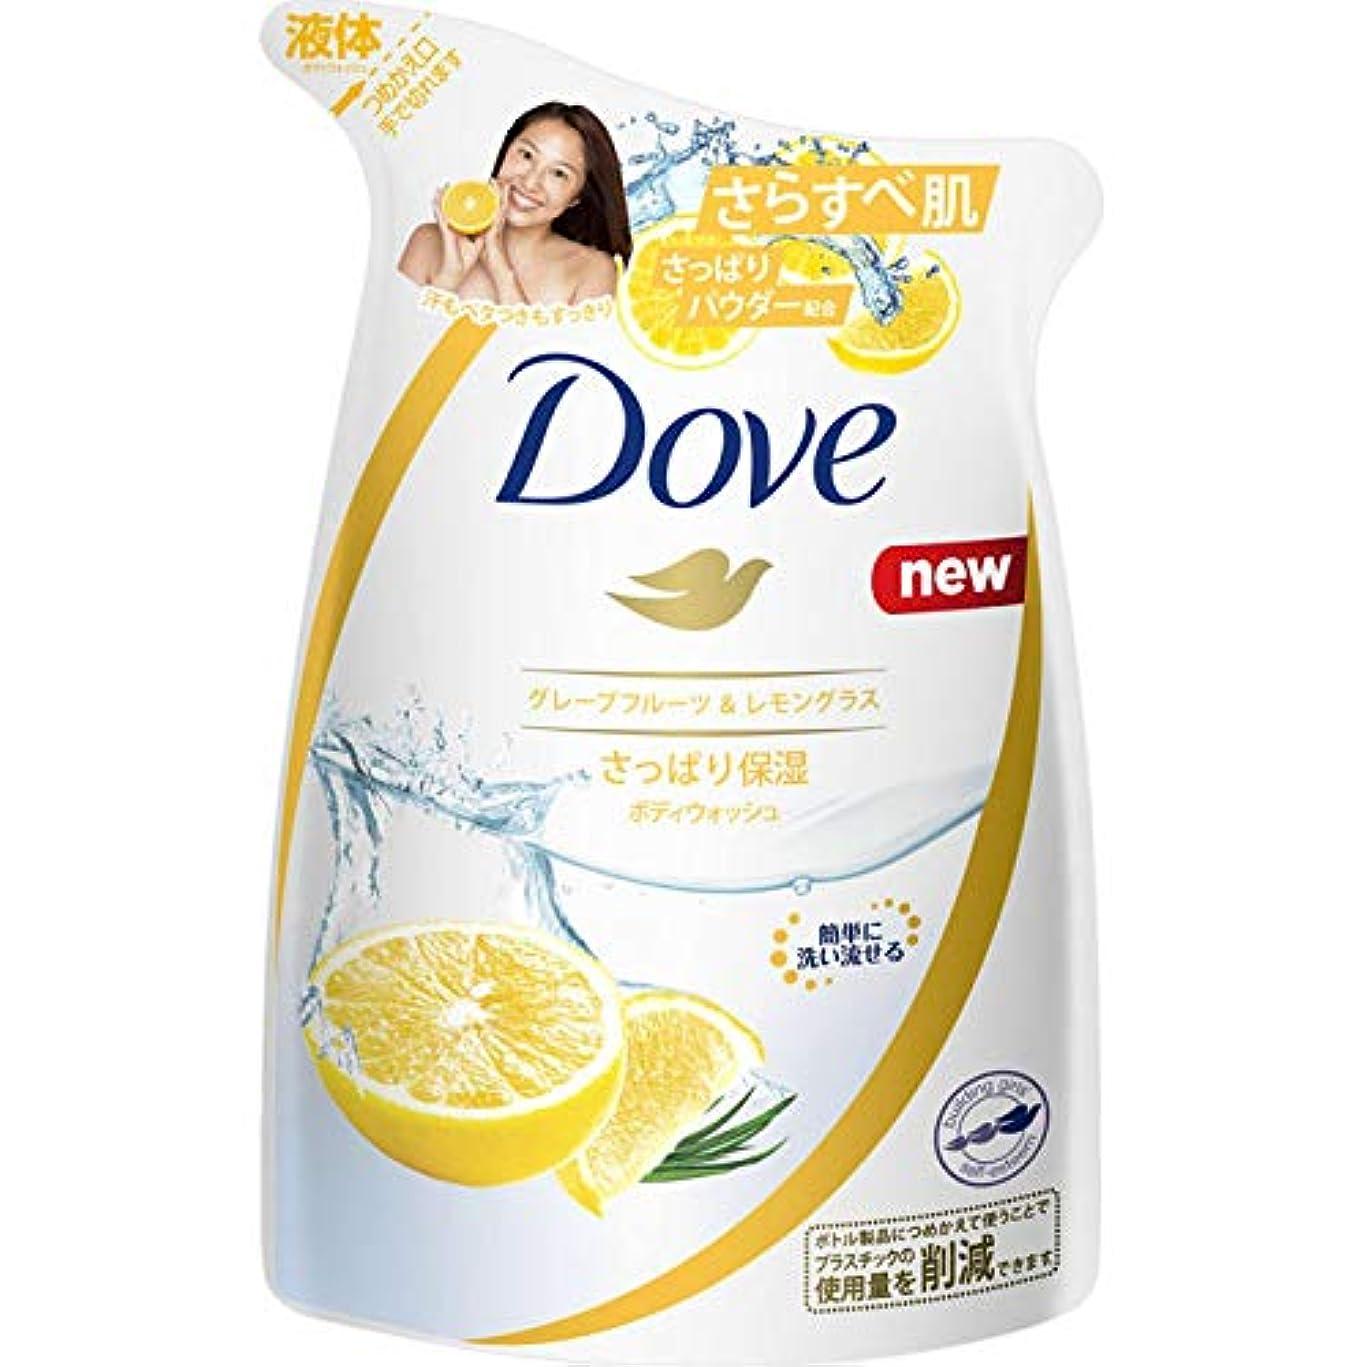 南アメリカ引き渡す傾向がありますダヴ ボディウォッシュ グレープフルーツ&レモングラス つめかえ用 × 10個セット